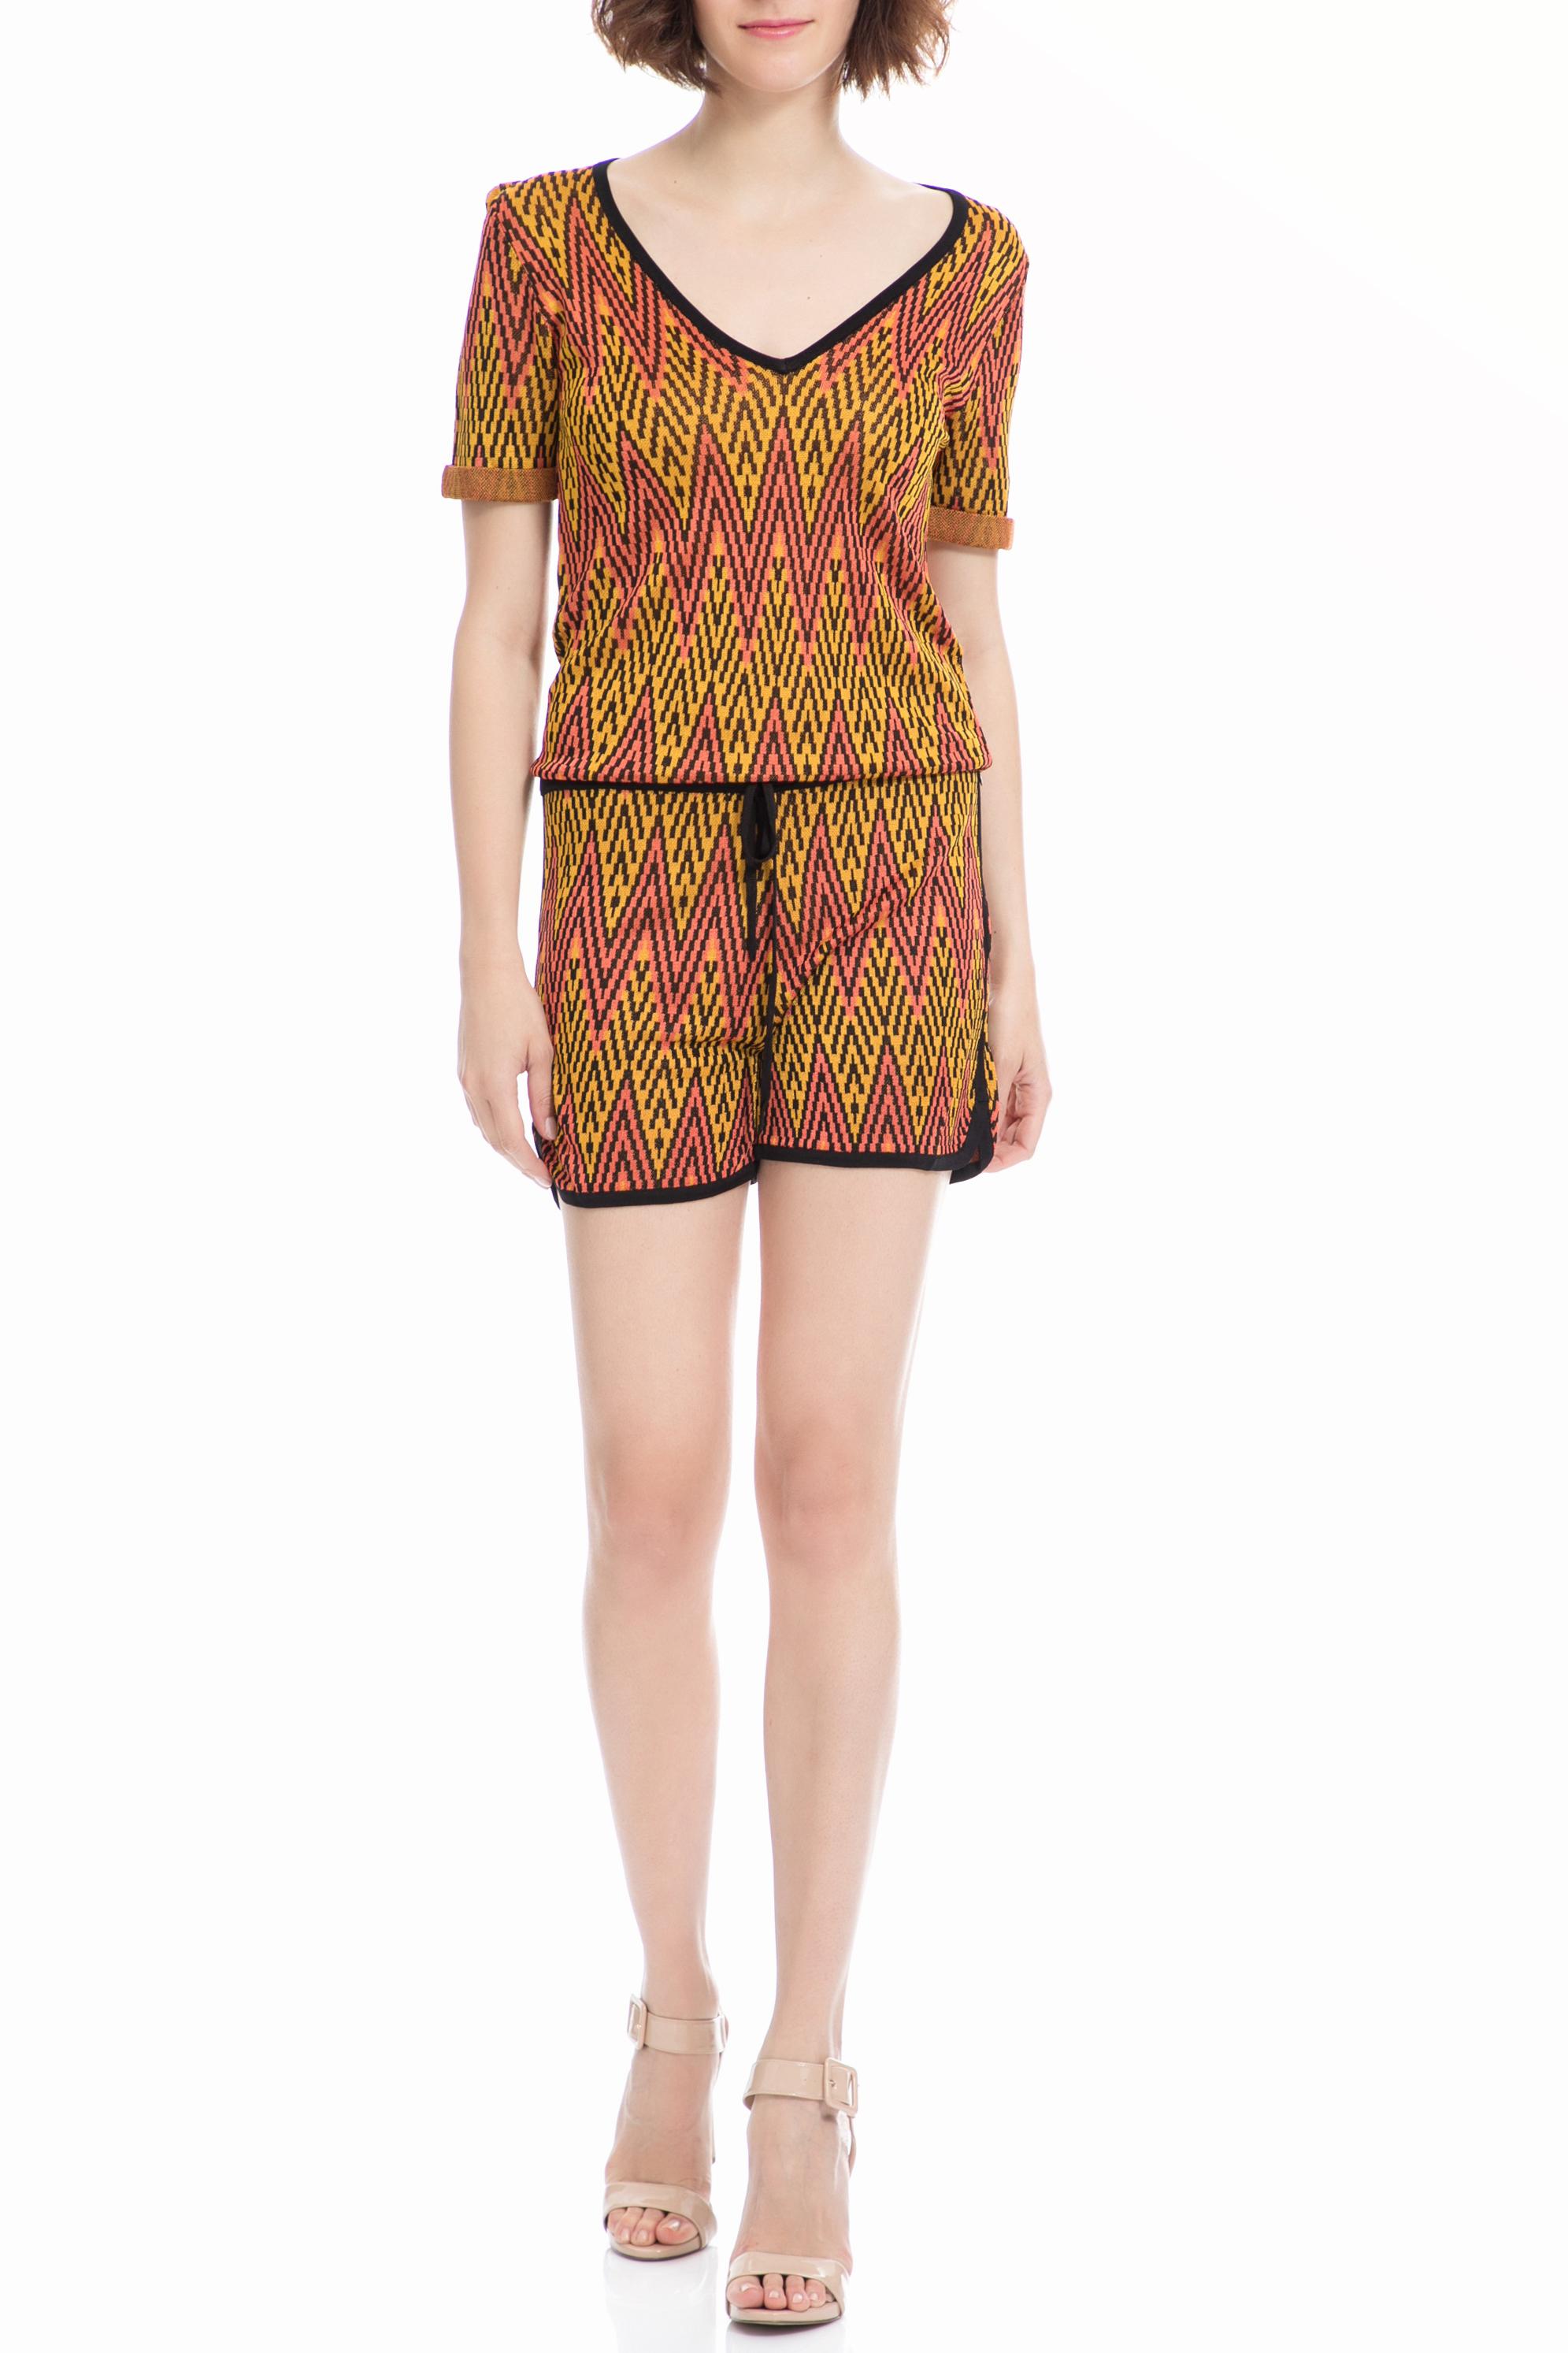 SCOTCH & SODA - Ολόσωμη φόρμα Maison Scotch κίτρινη-κοραλί